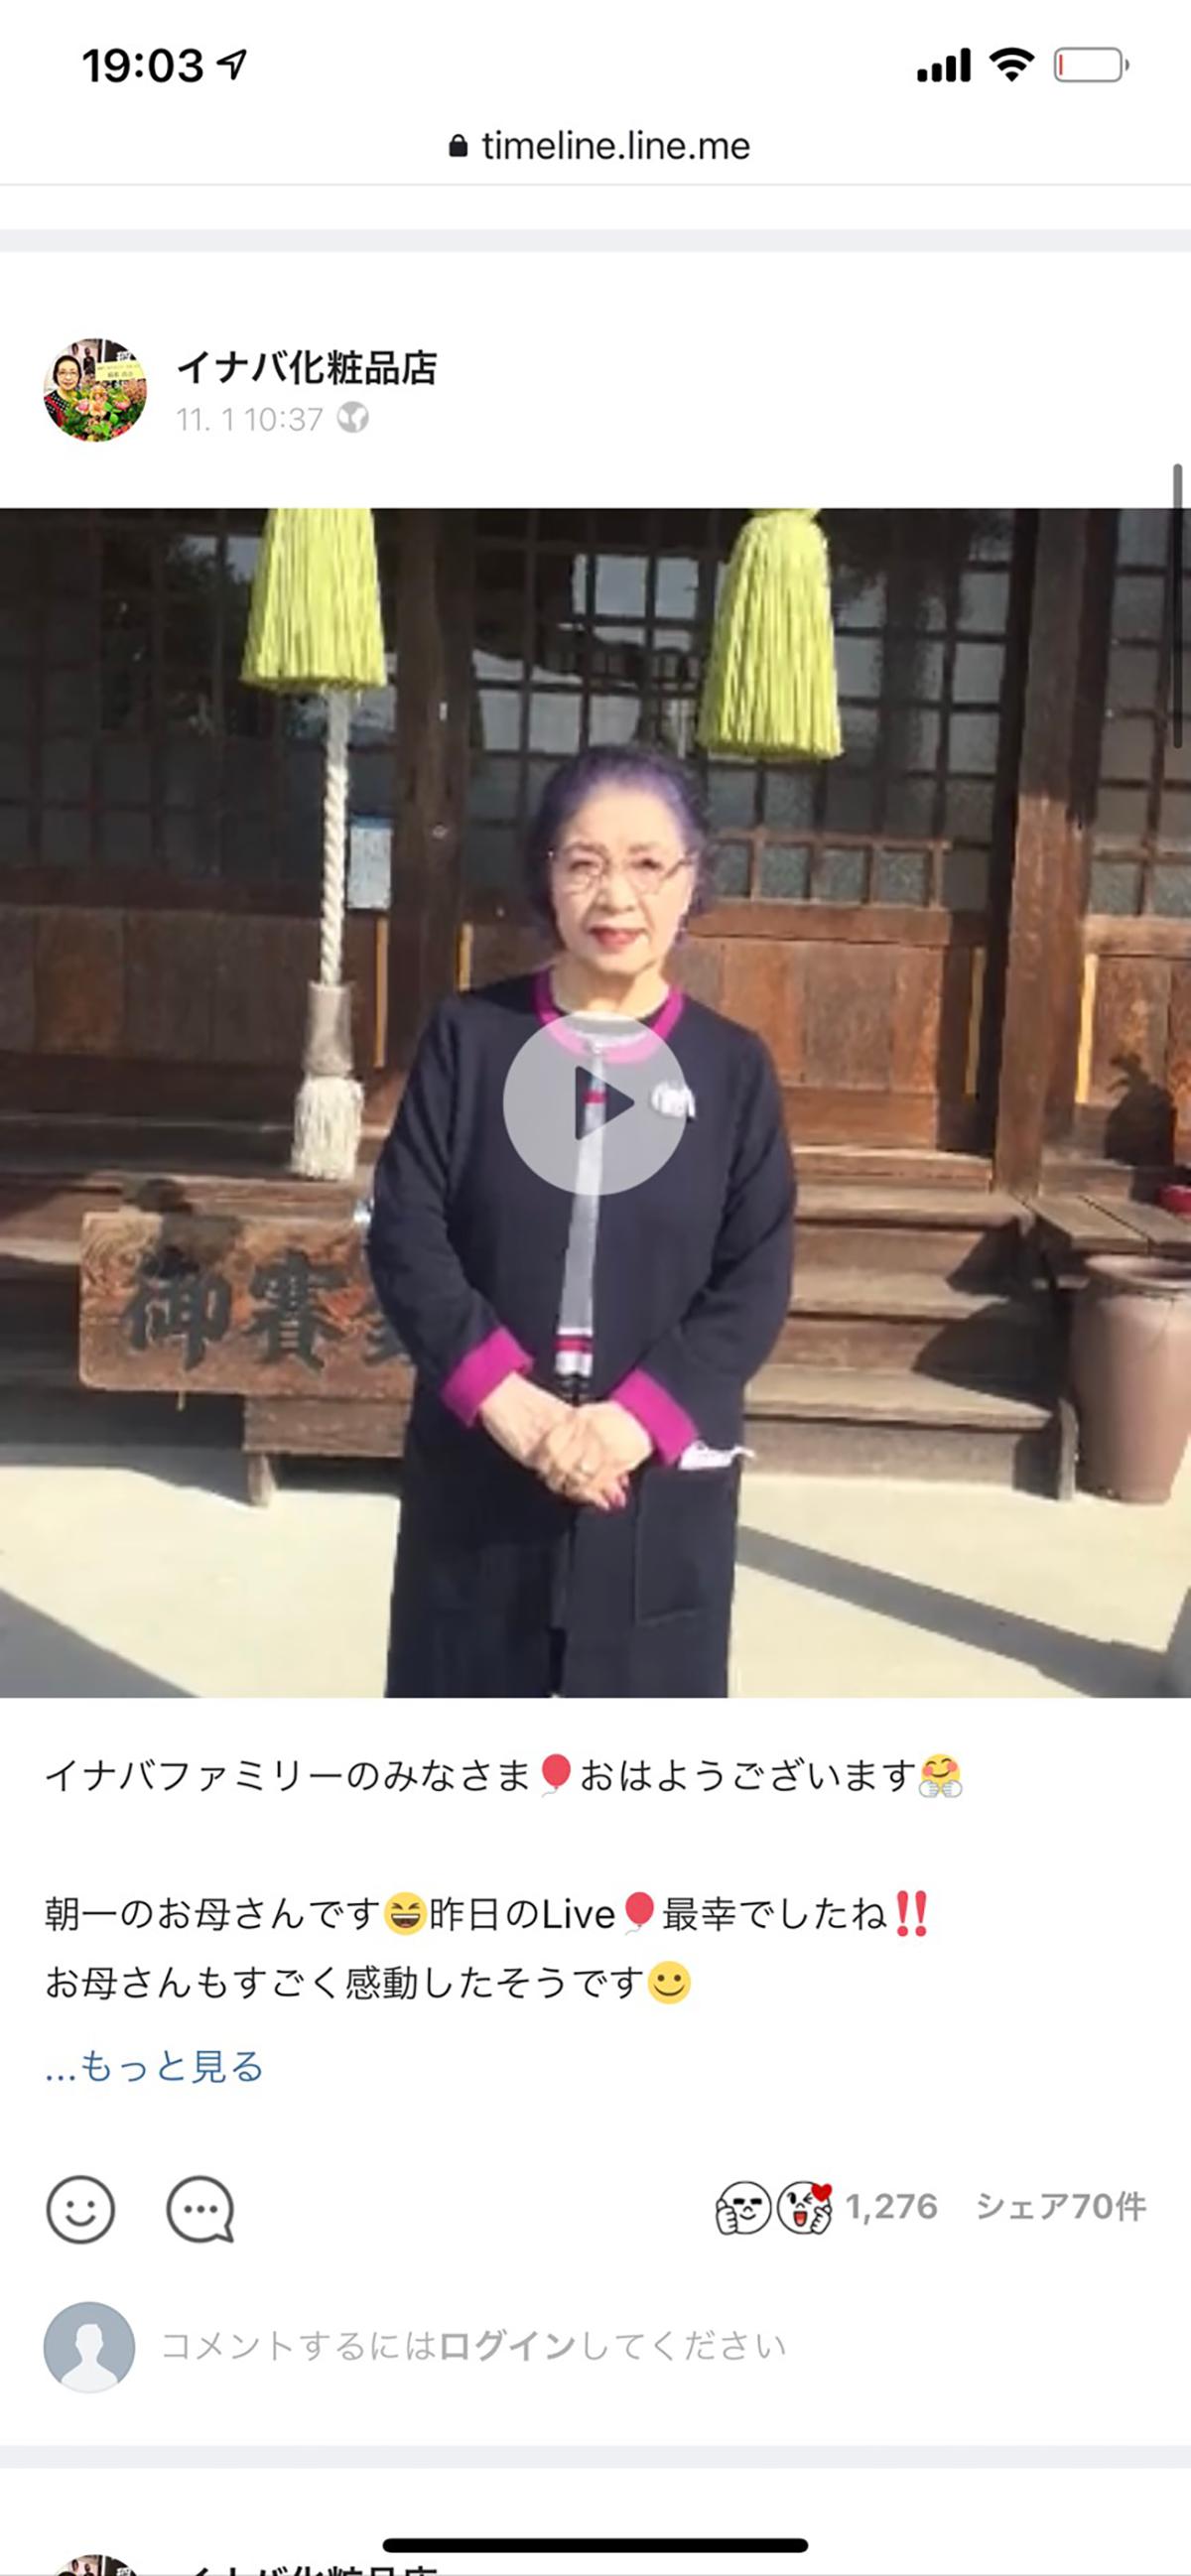 「イナバ化粧品店」の投稿動画でB'z無観客配信ライブについて語る邦子さん